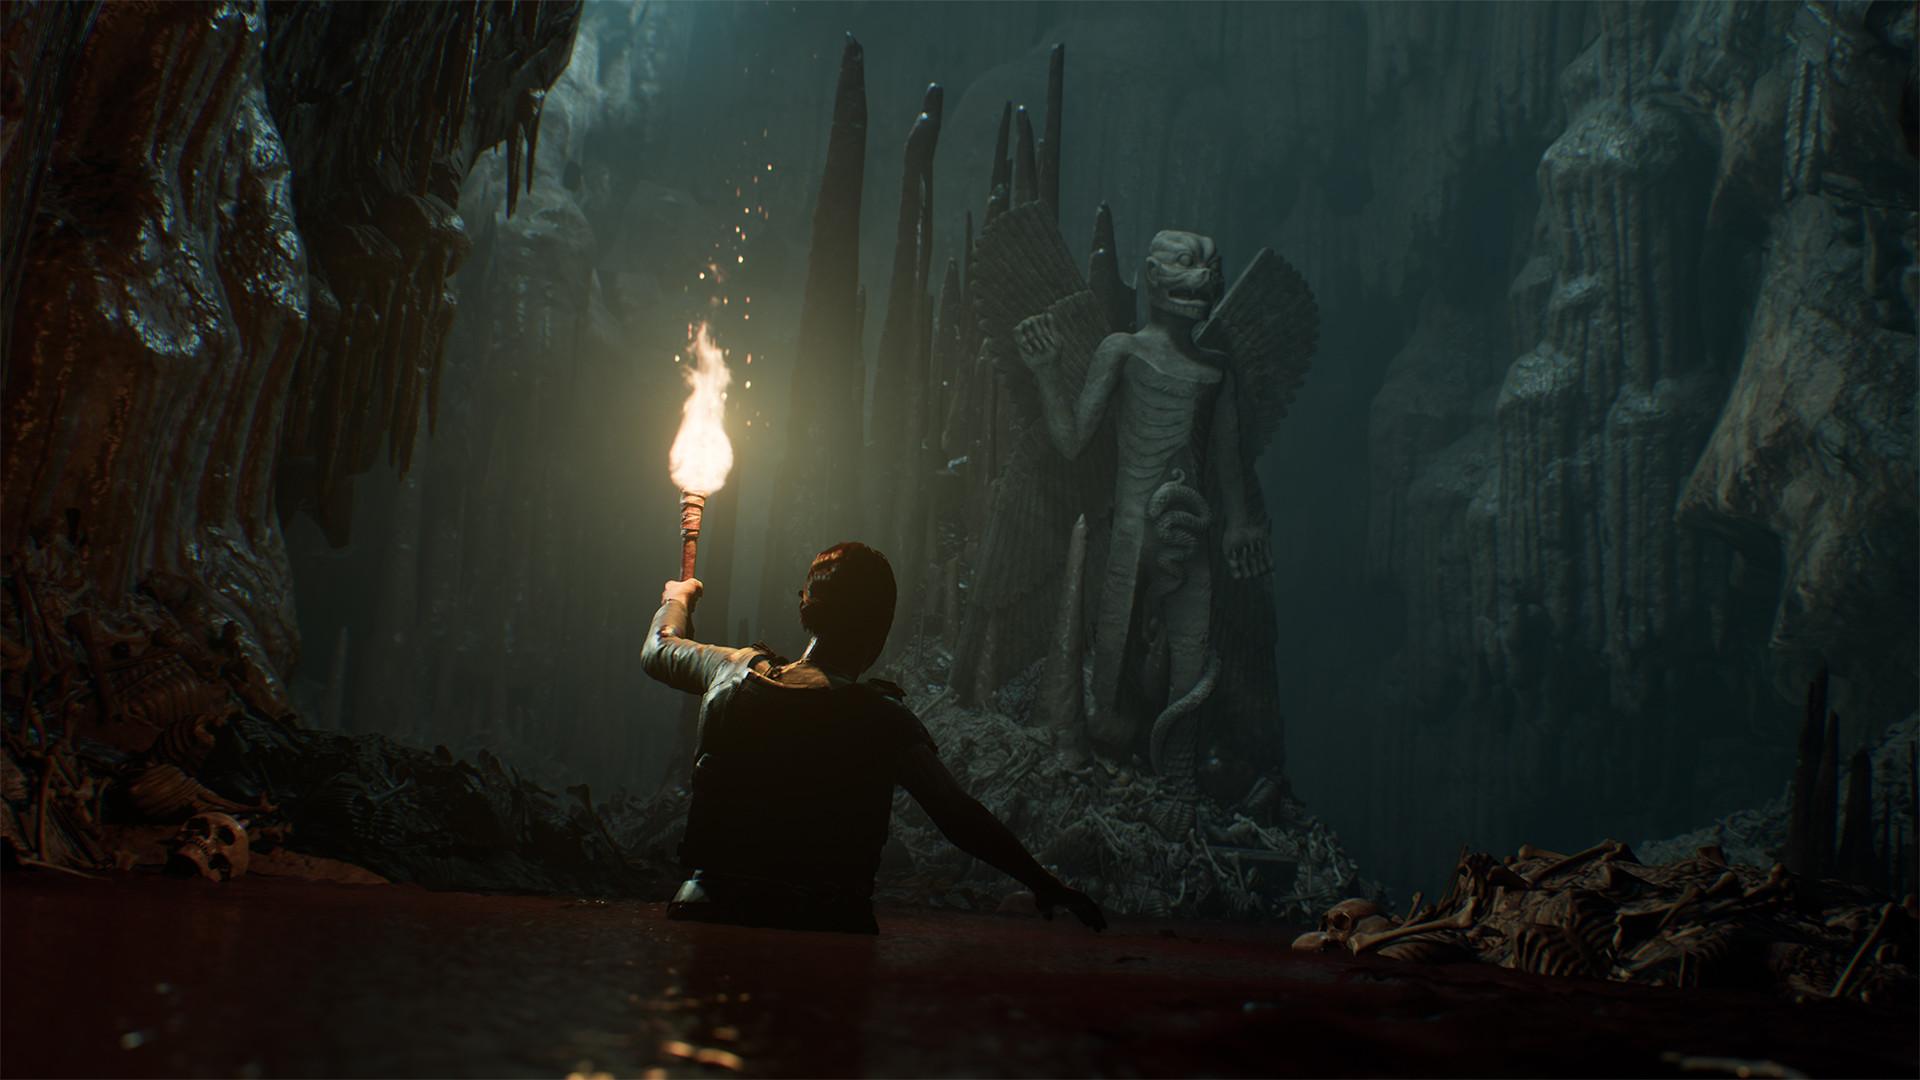 黑相集:灰冥界 游戏截图(7)